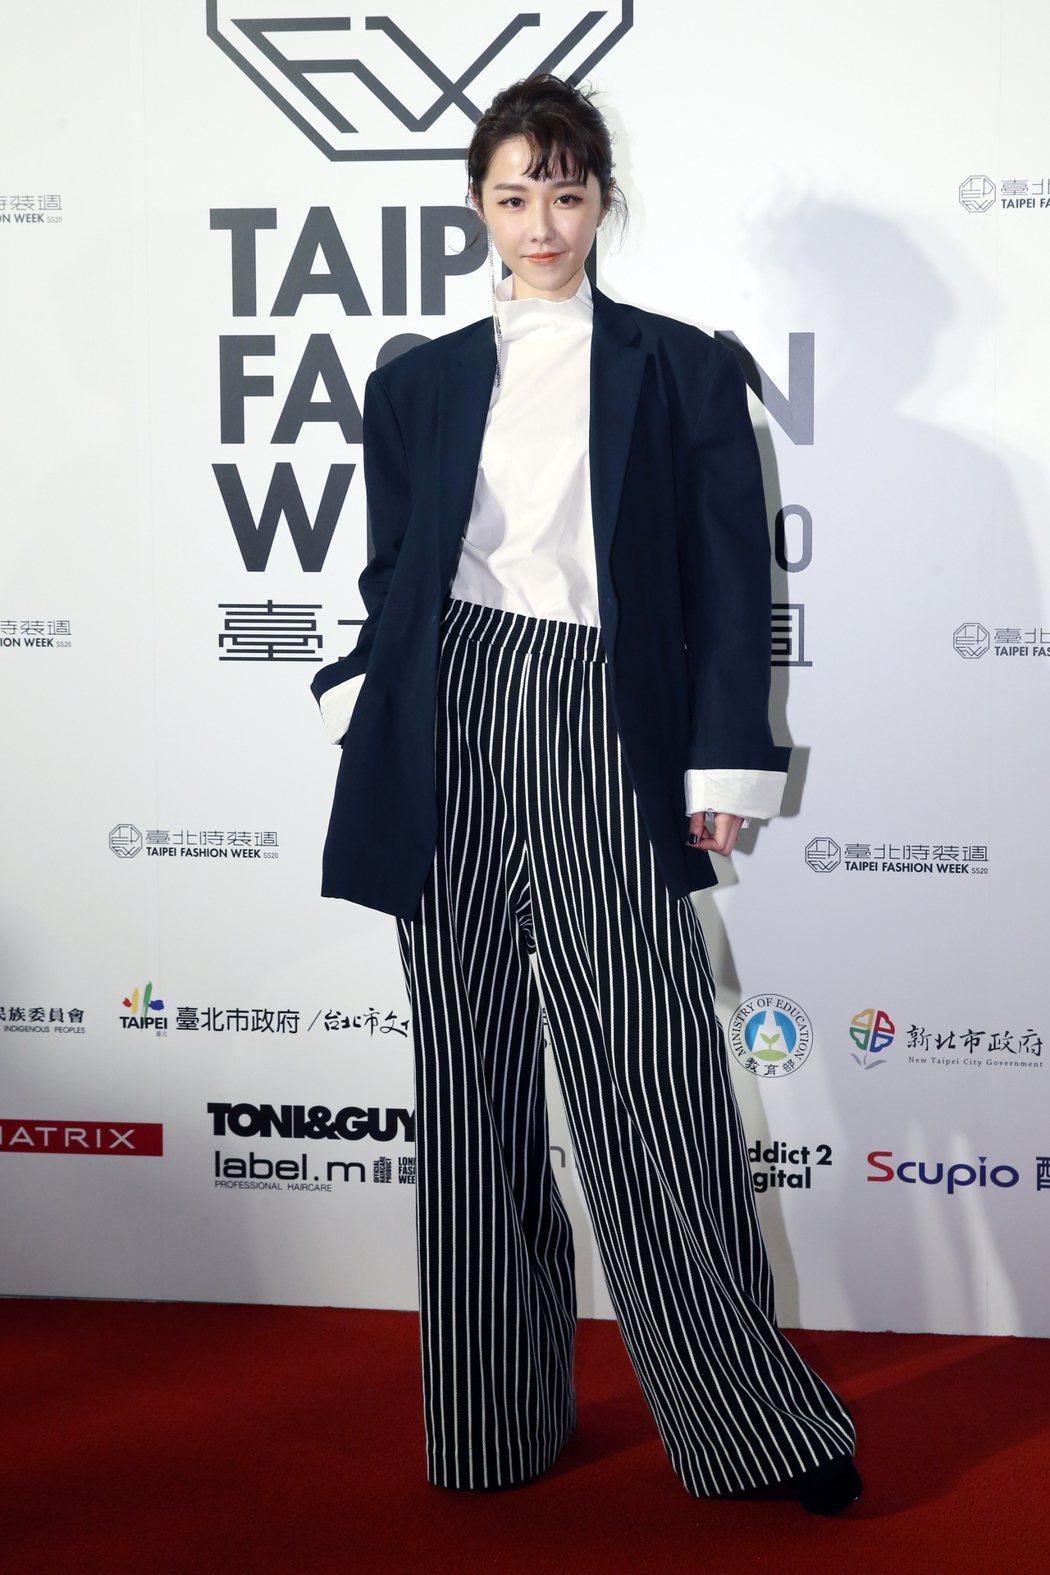 藝人邵雨薇(圖)身著台灣設計師服飾亮相。記者許正宏/攝影